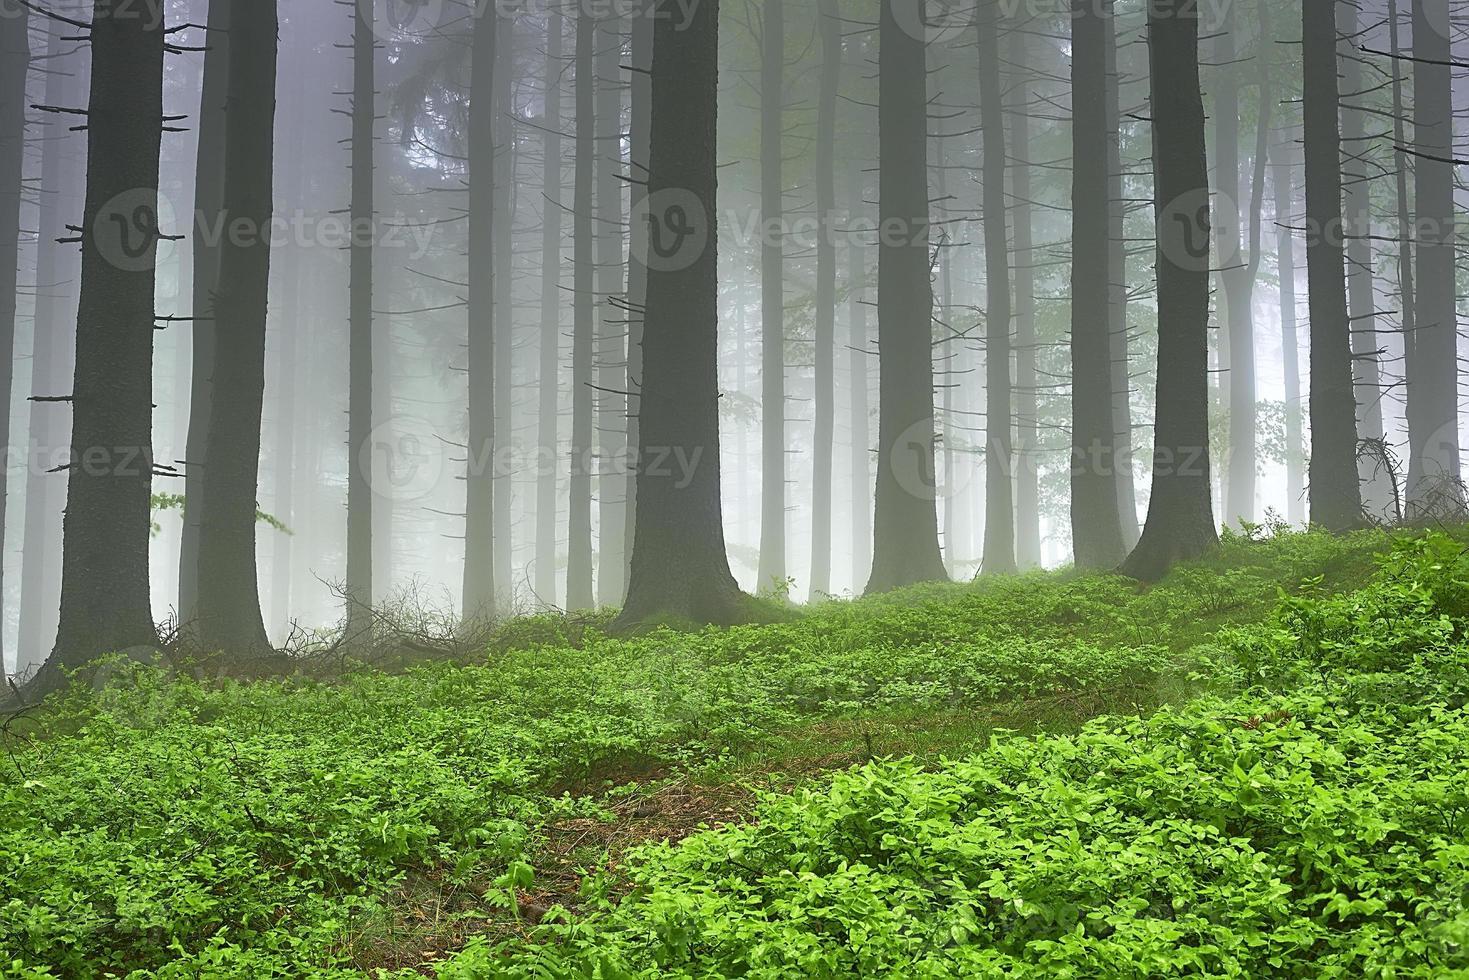 forêt d'épinettes photo